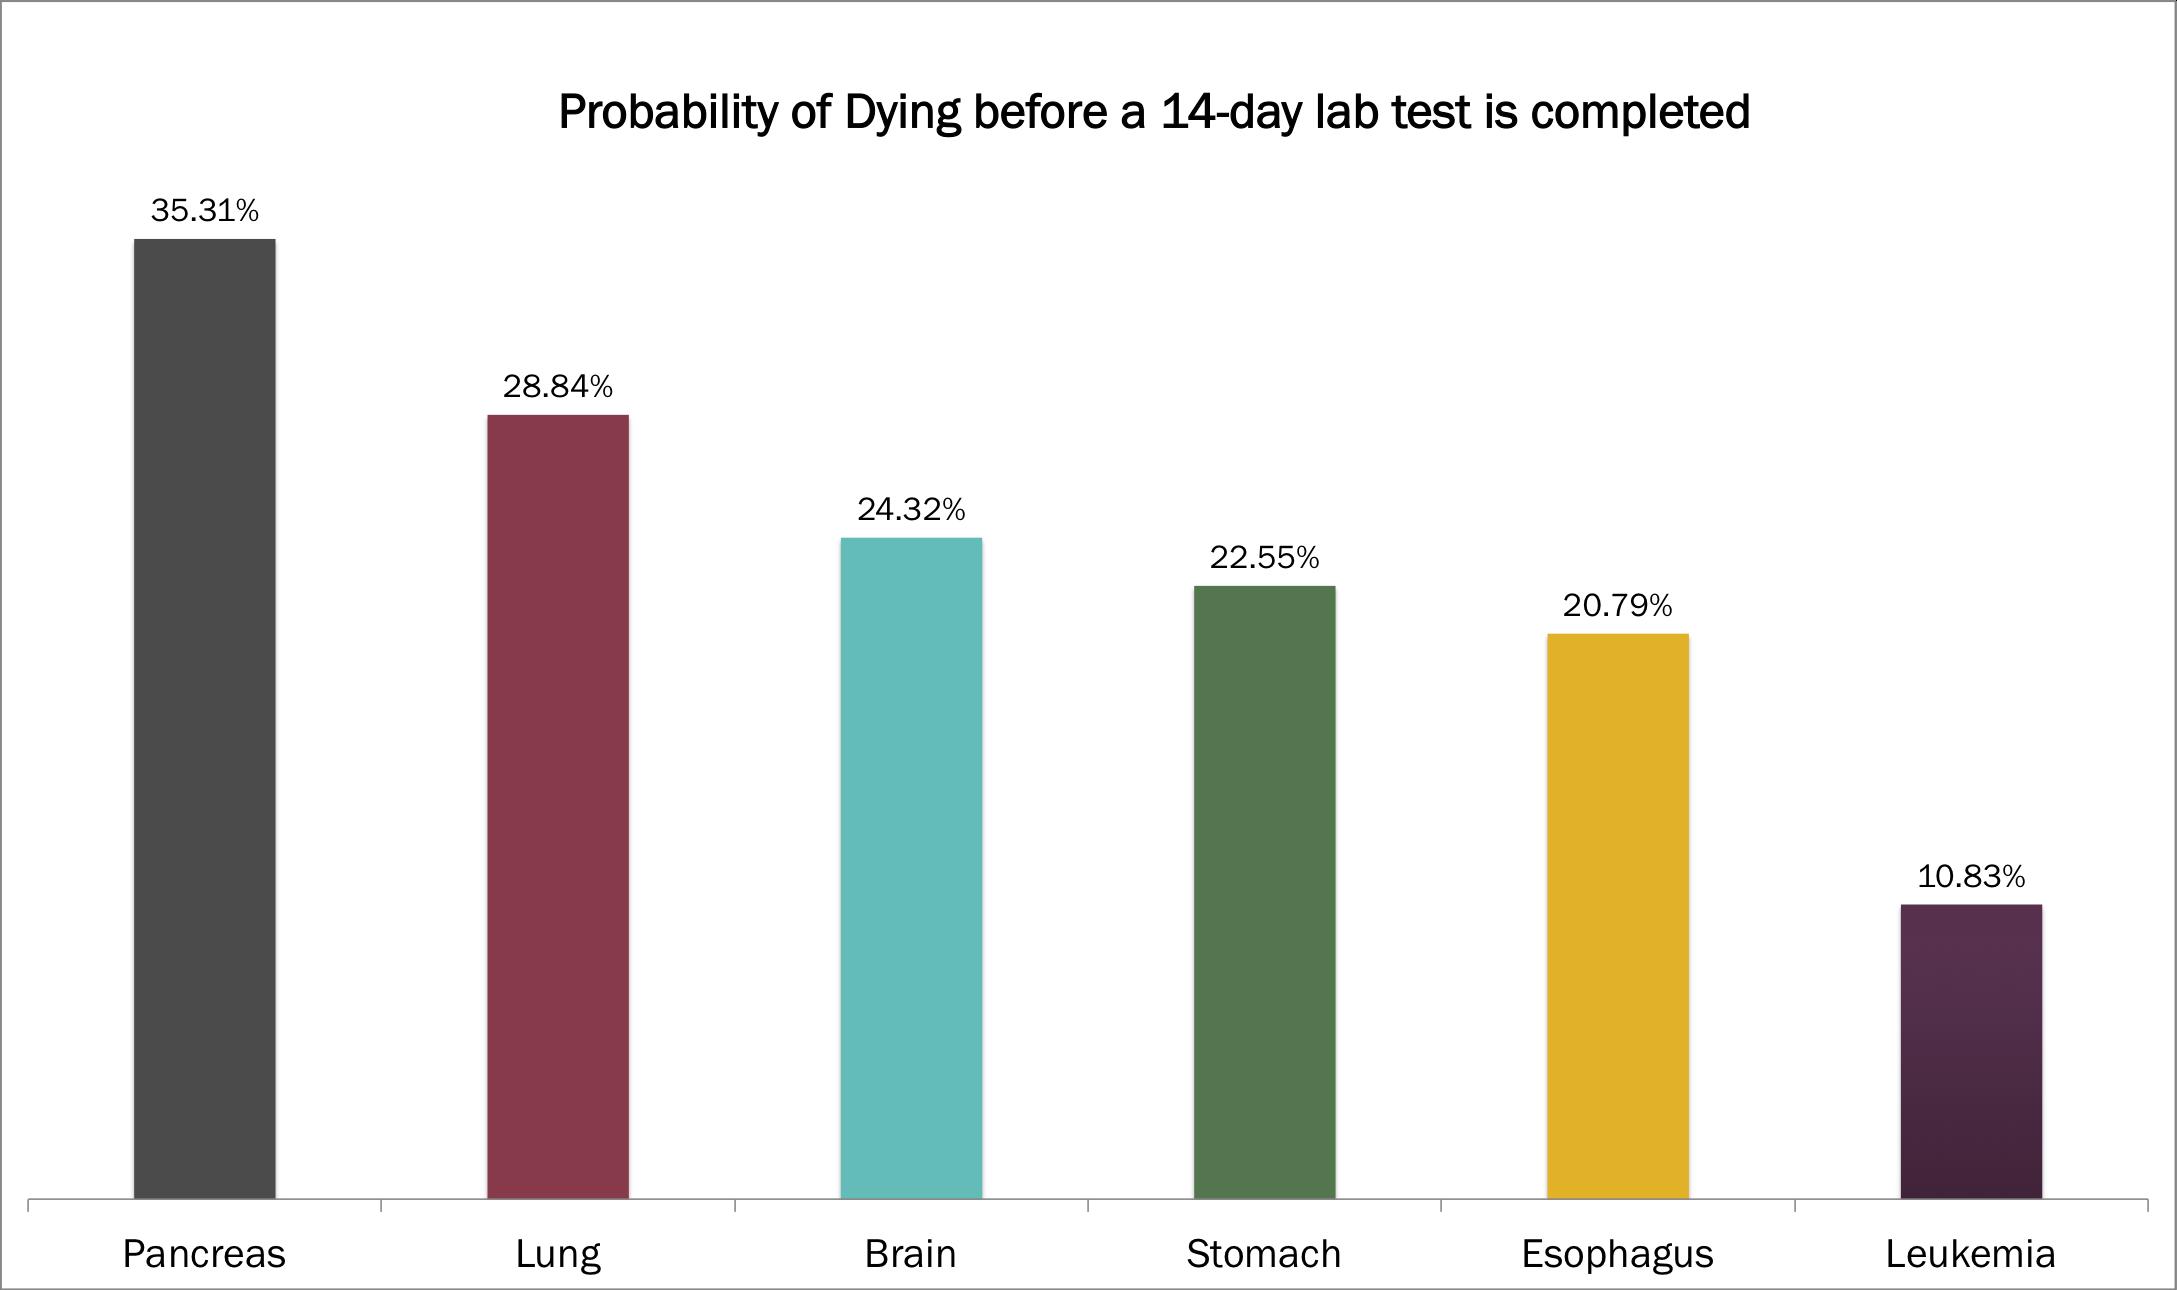 site cancer tests, ARK, ARK Invest, genomics, cancer, diagnostics, on-site testing